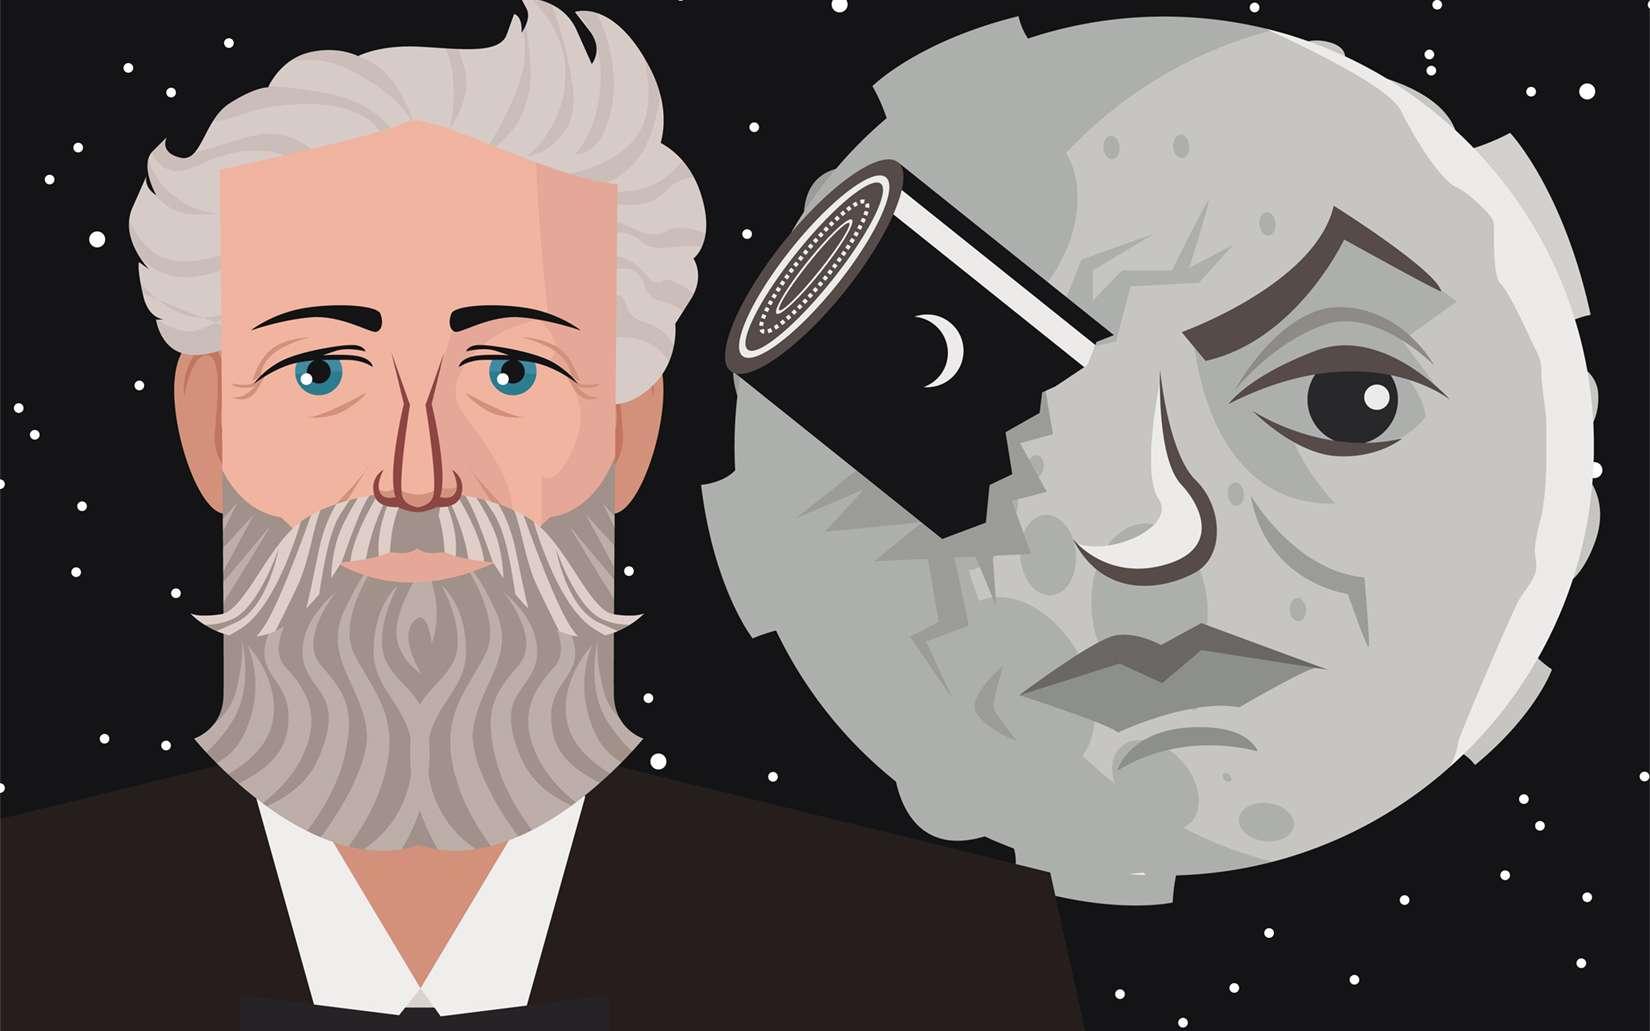 De la Terre à la Lune, de Jules Verne, a inspiré le film Le Voyage dans la Lune de George Méliès. © mathiasdelcarmine, Adobe Stock